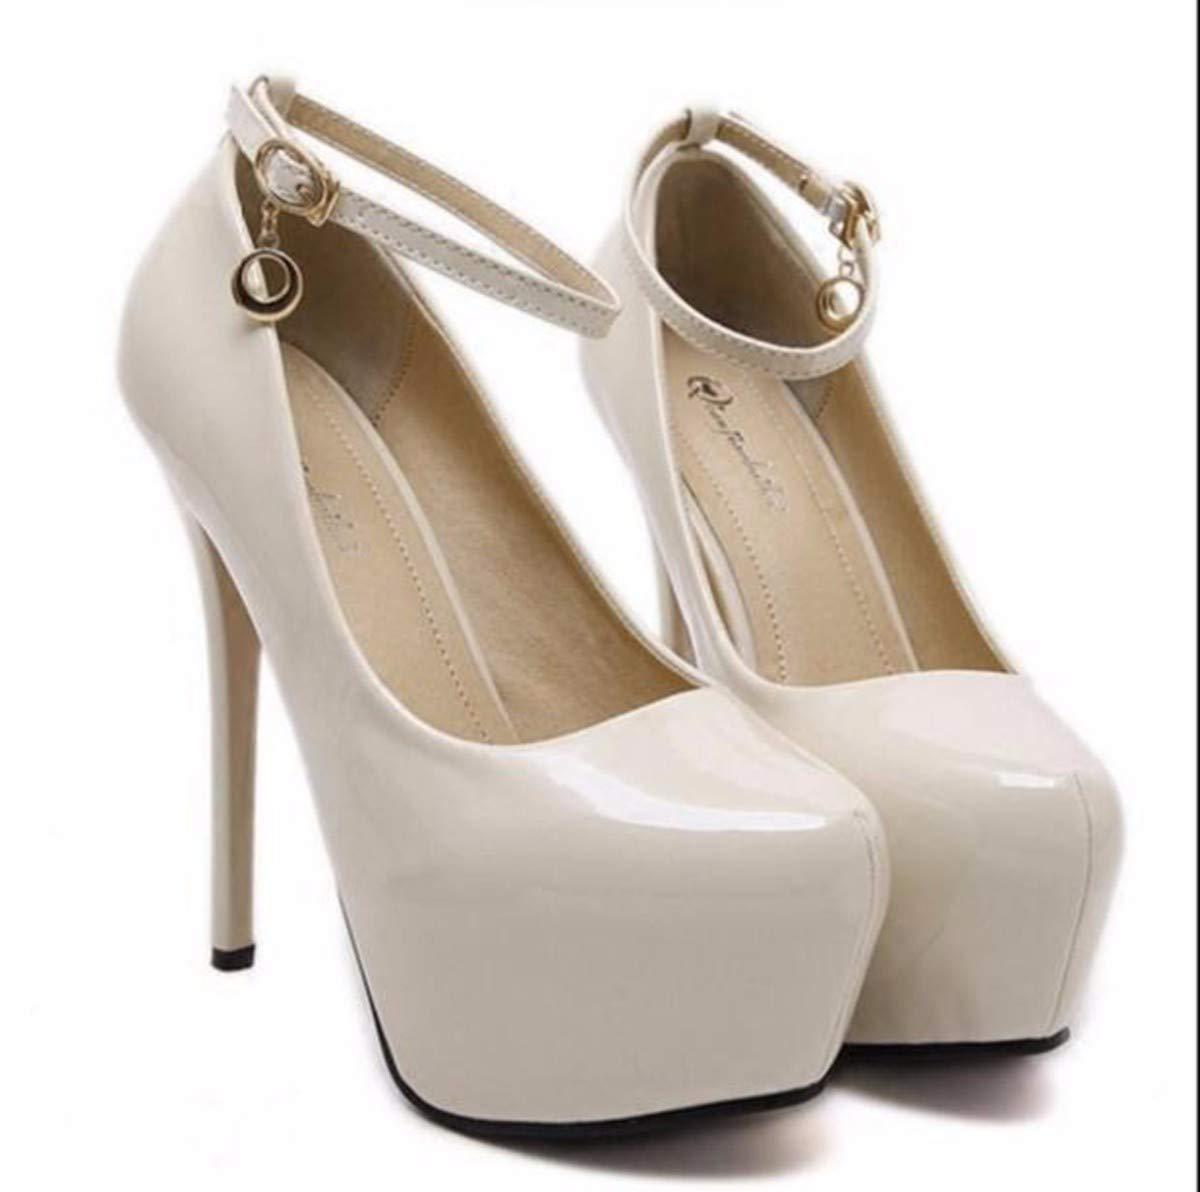 GTVERNH Damenschuhe Mode High - Heel und Dünne Sohle 14 cm Runden Kopf Einzelnen Schuh Am Mund Sexy Flach Schnalle Dicke Hintern Lack Damenschuhe.